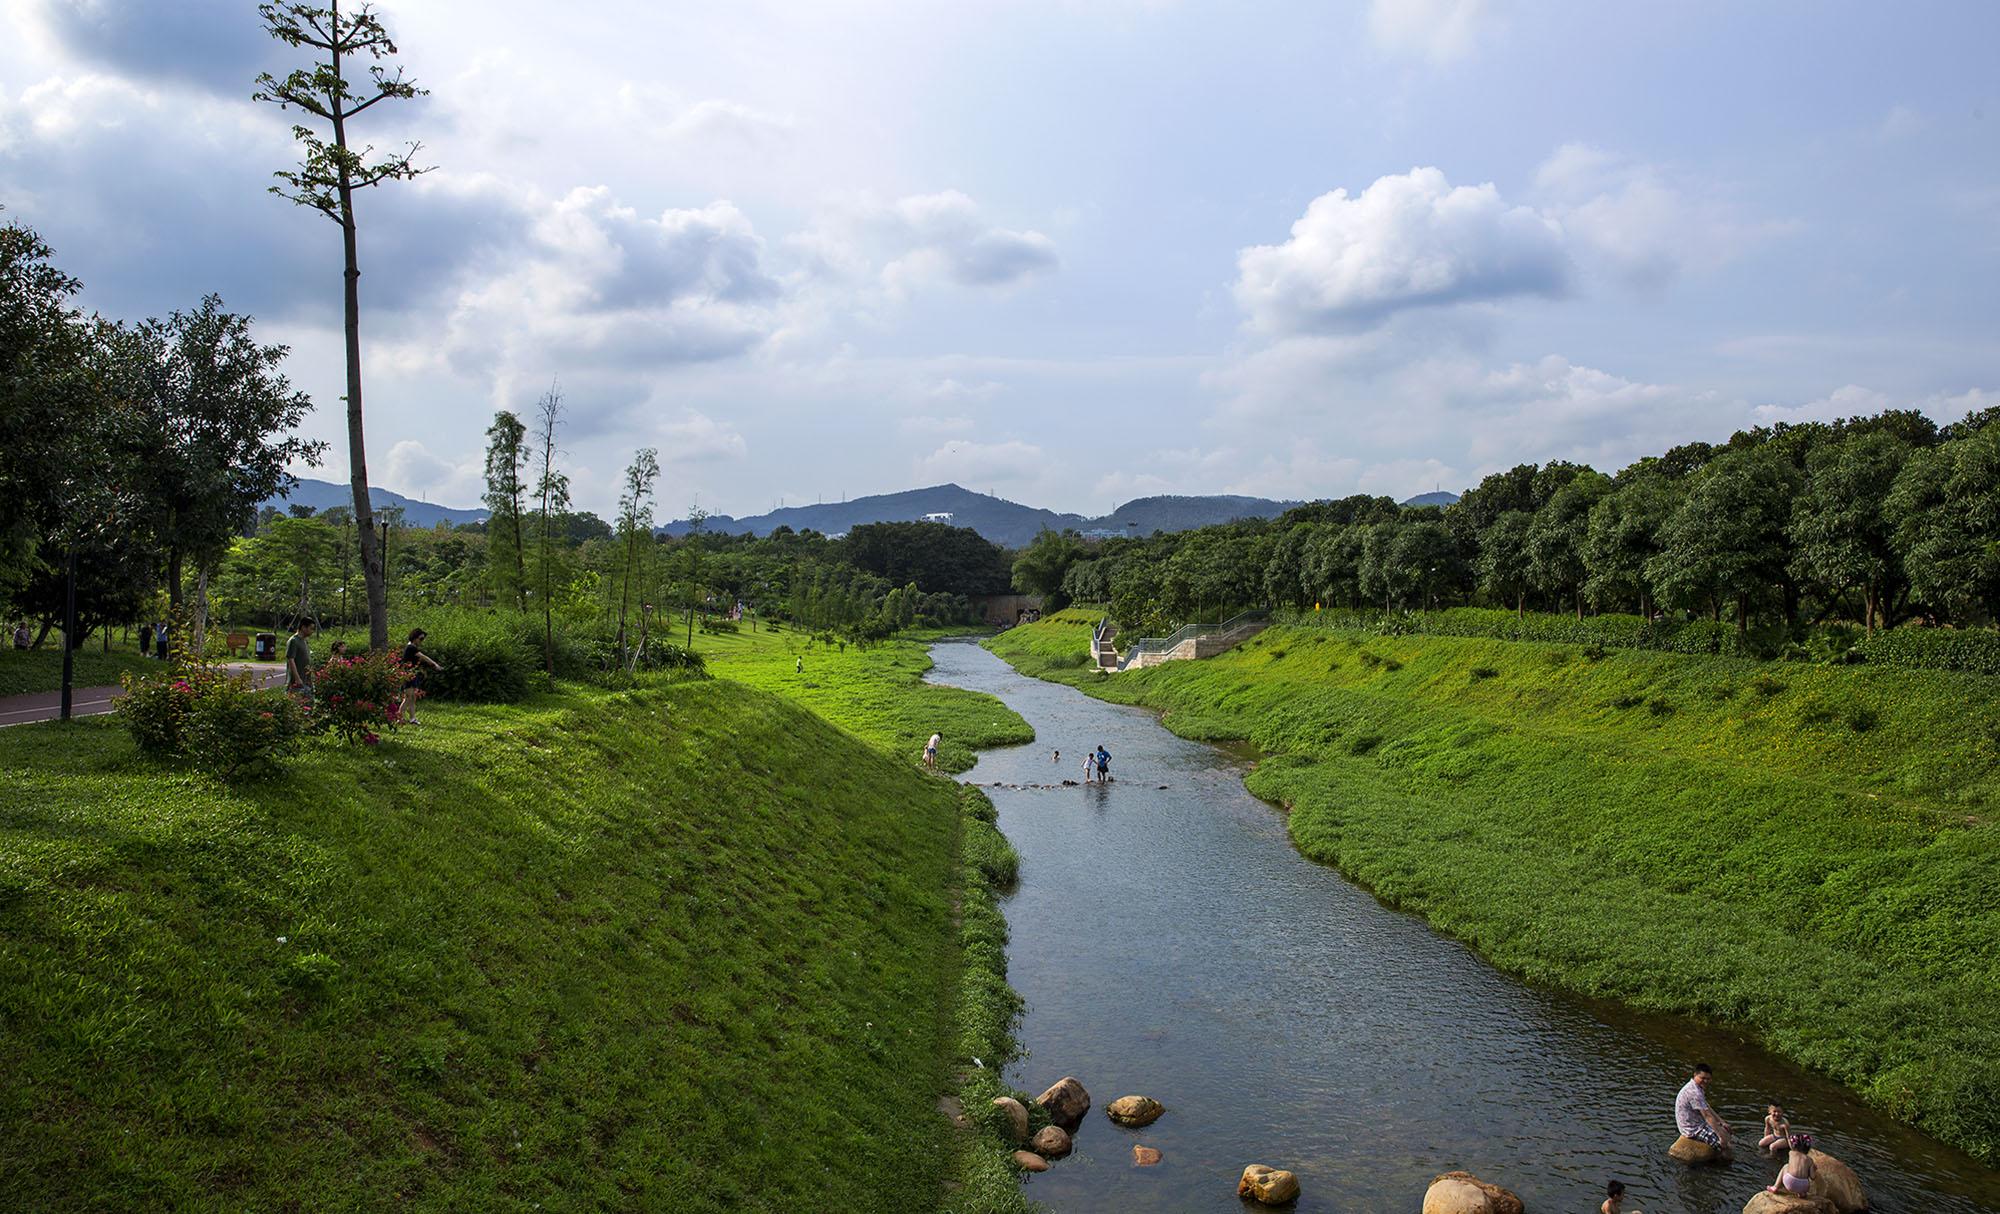 深圳中心公园位于深圳市福田区的中心区[1]